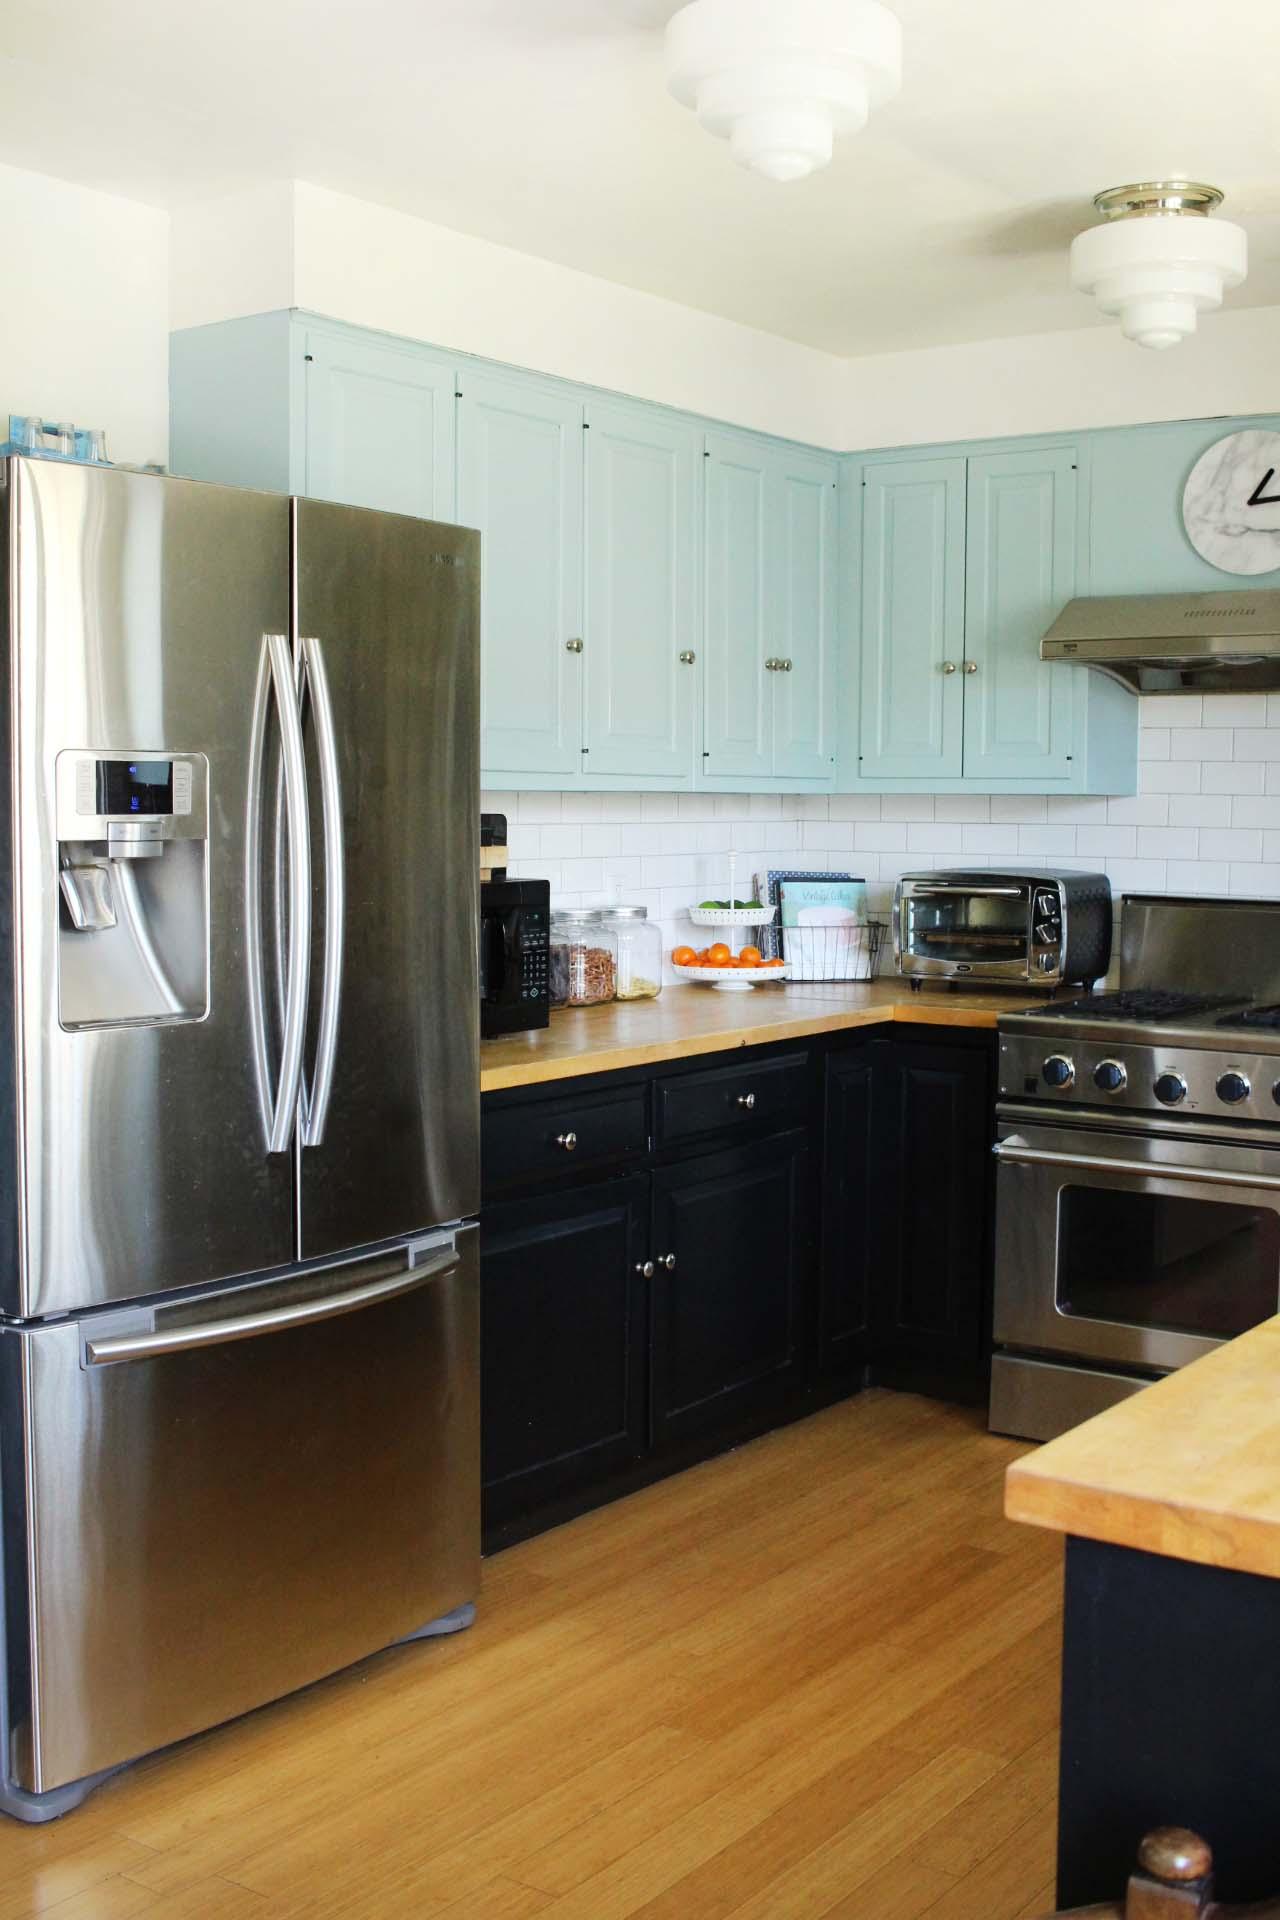 Zandra's Kitchen ... Waiting for its perfect Kilim